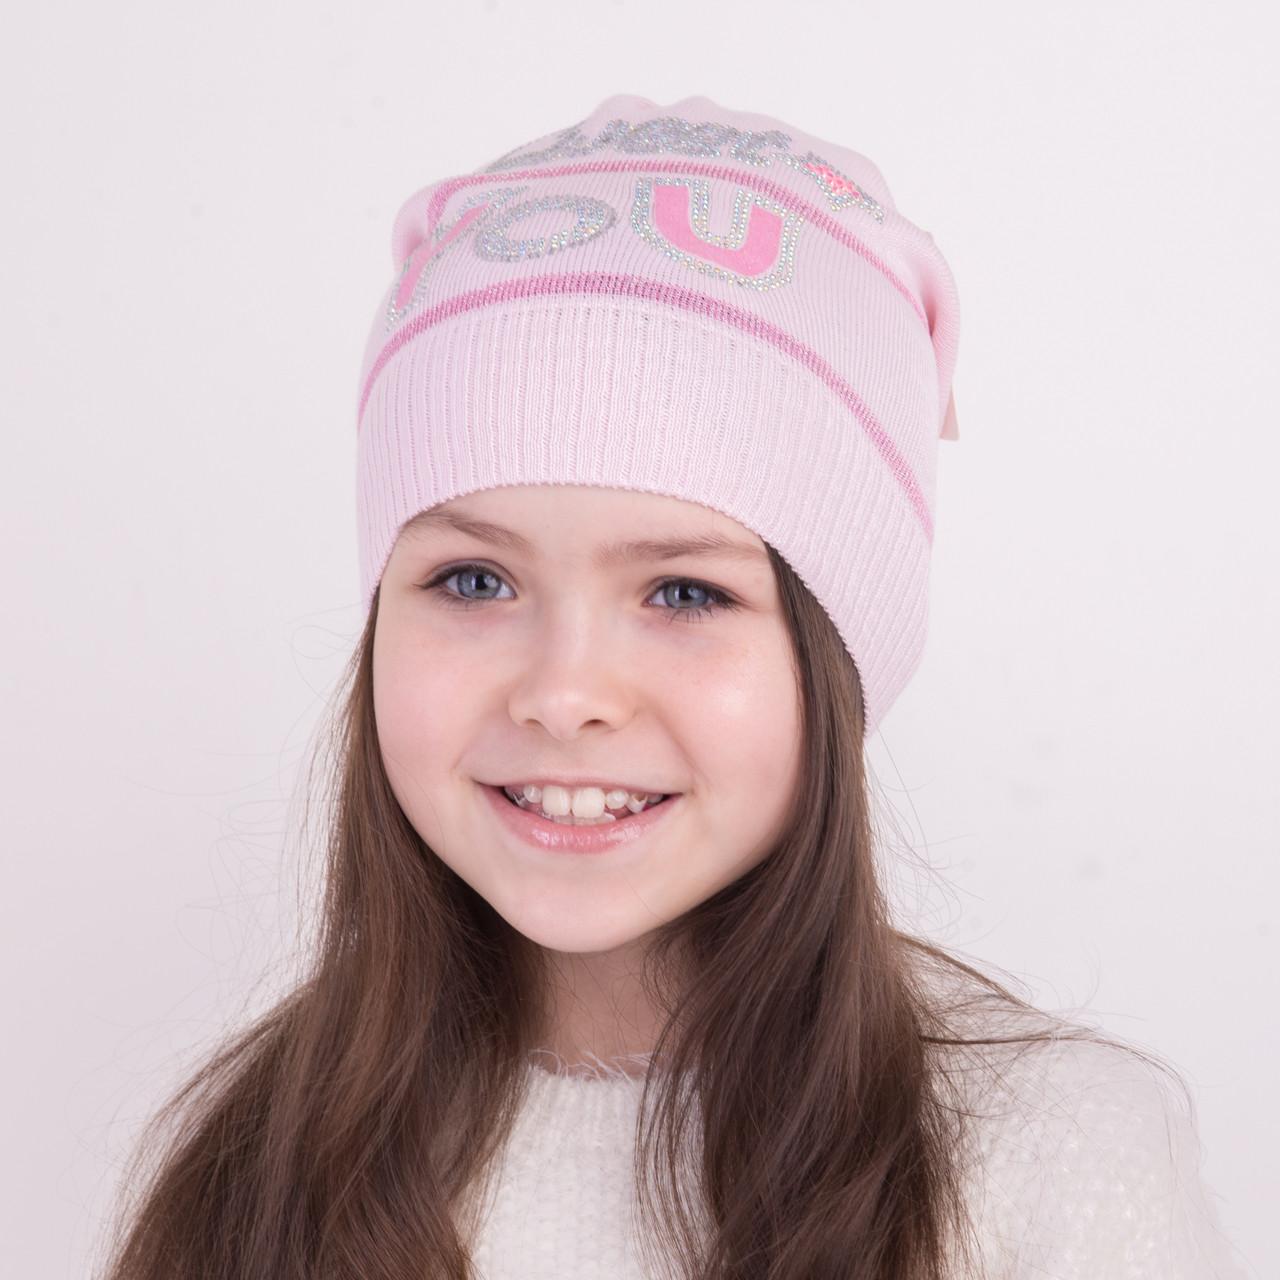 Весенняя вязаная шапка для девочки оптом - Артикул 1270